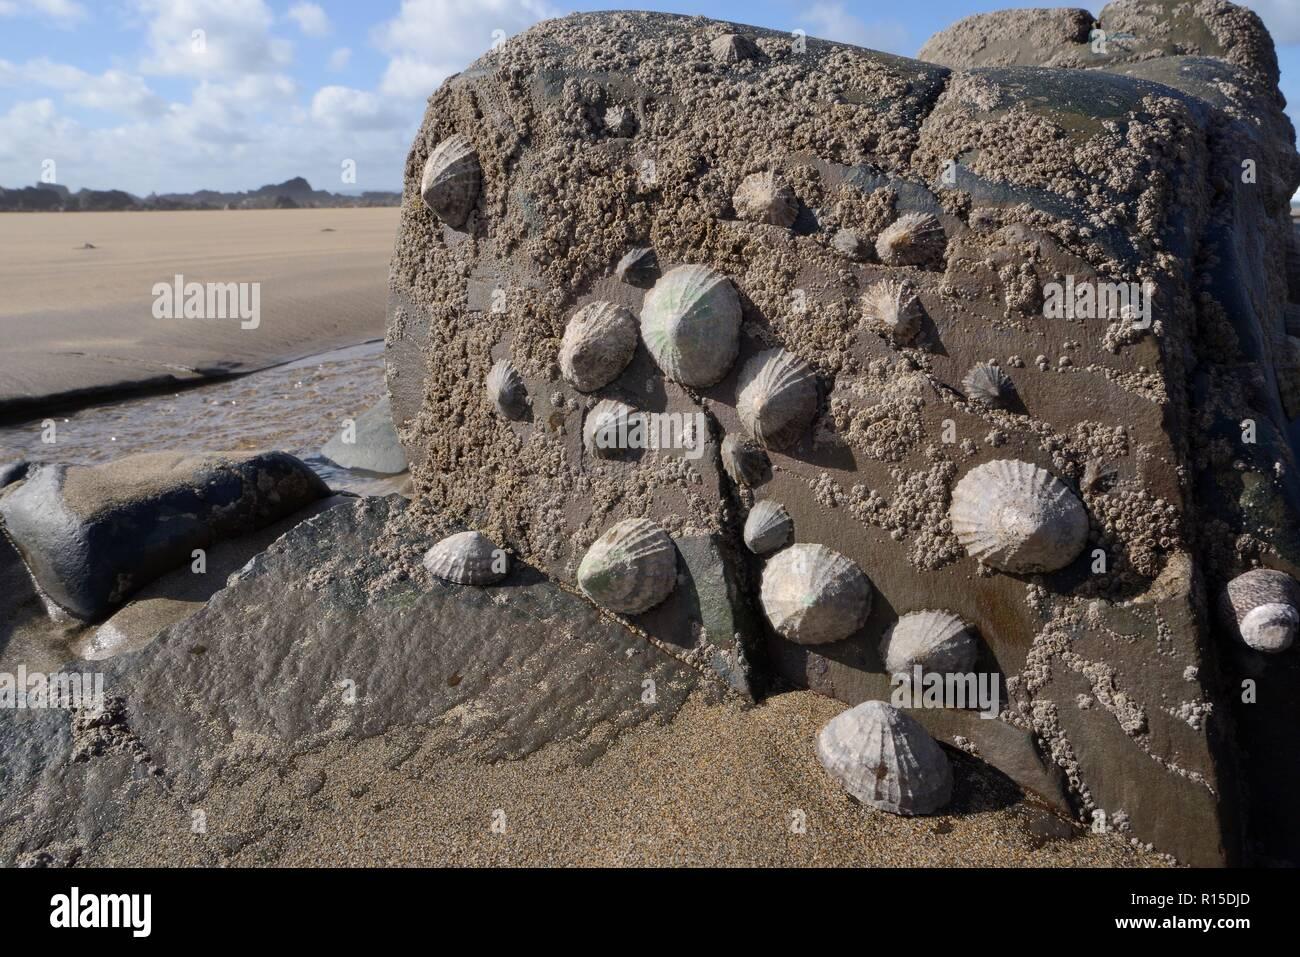 La patelle commune (Patella vulgata) et de balanes (Semibalanus balanoides) joint à roches intertidales, exposés par la chute d'une marée, Cornwall, UK Banque D'Images